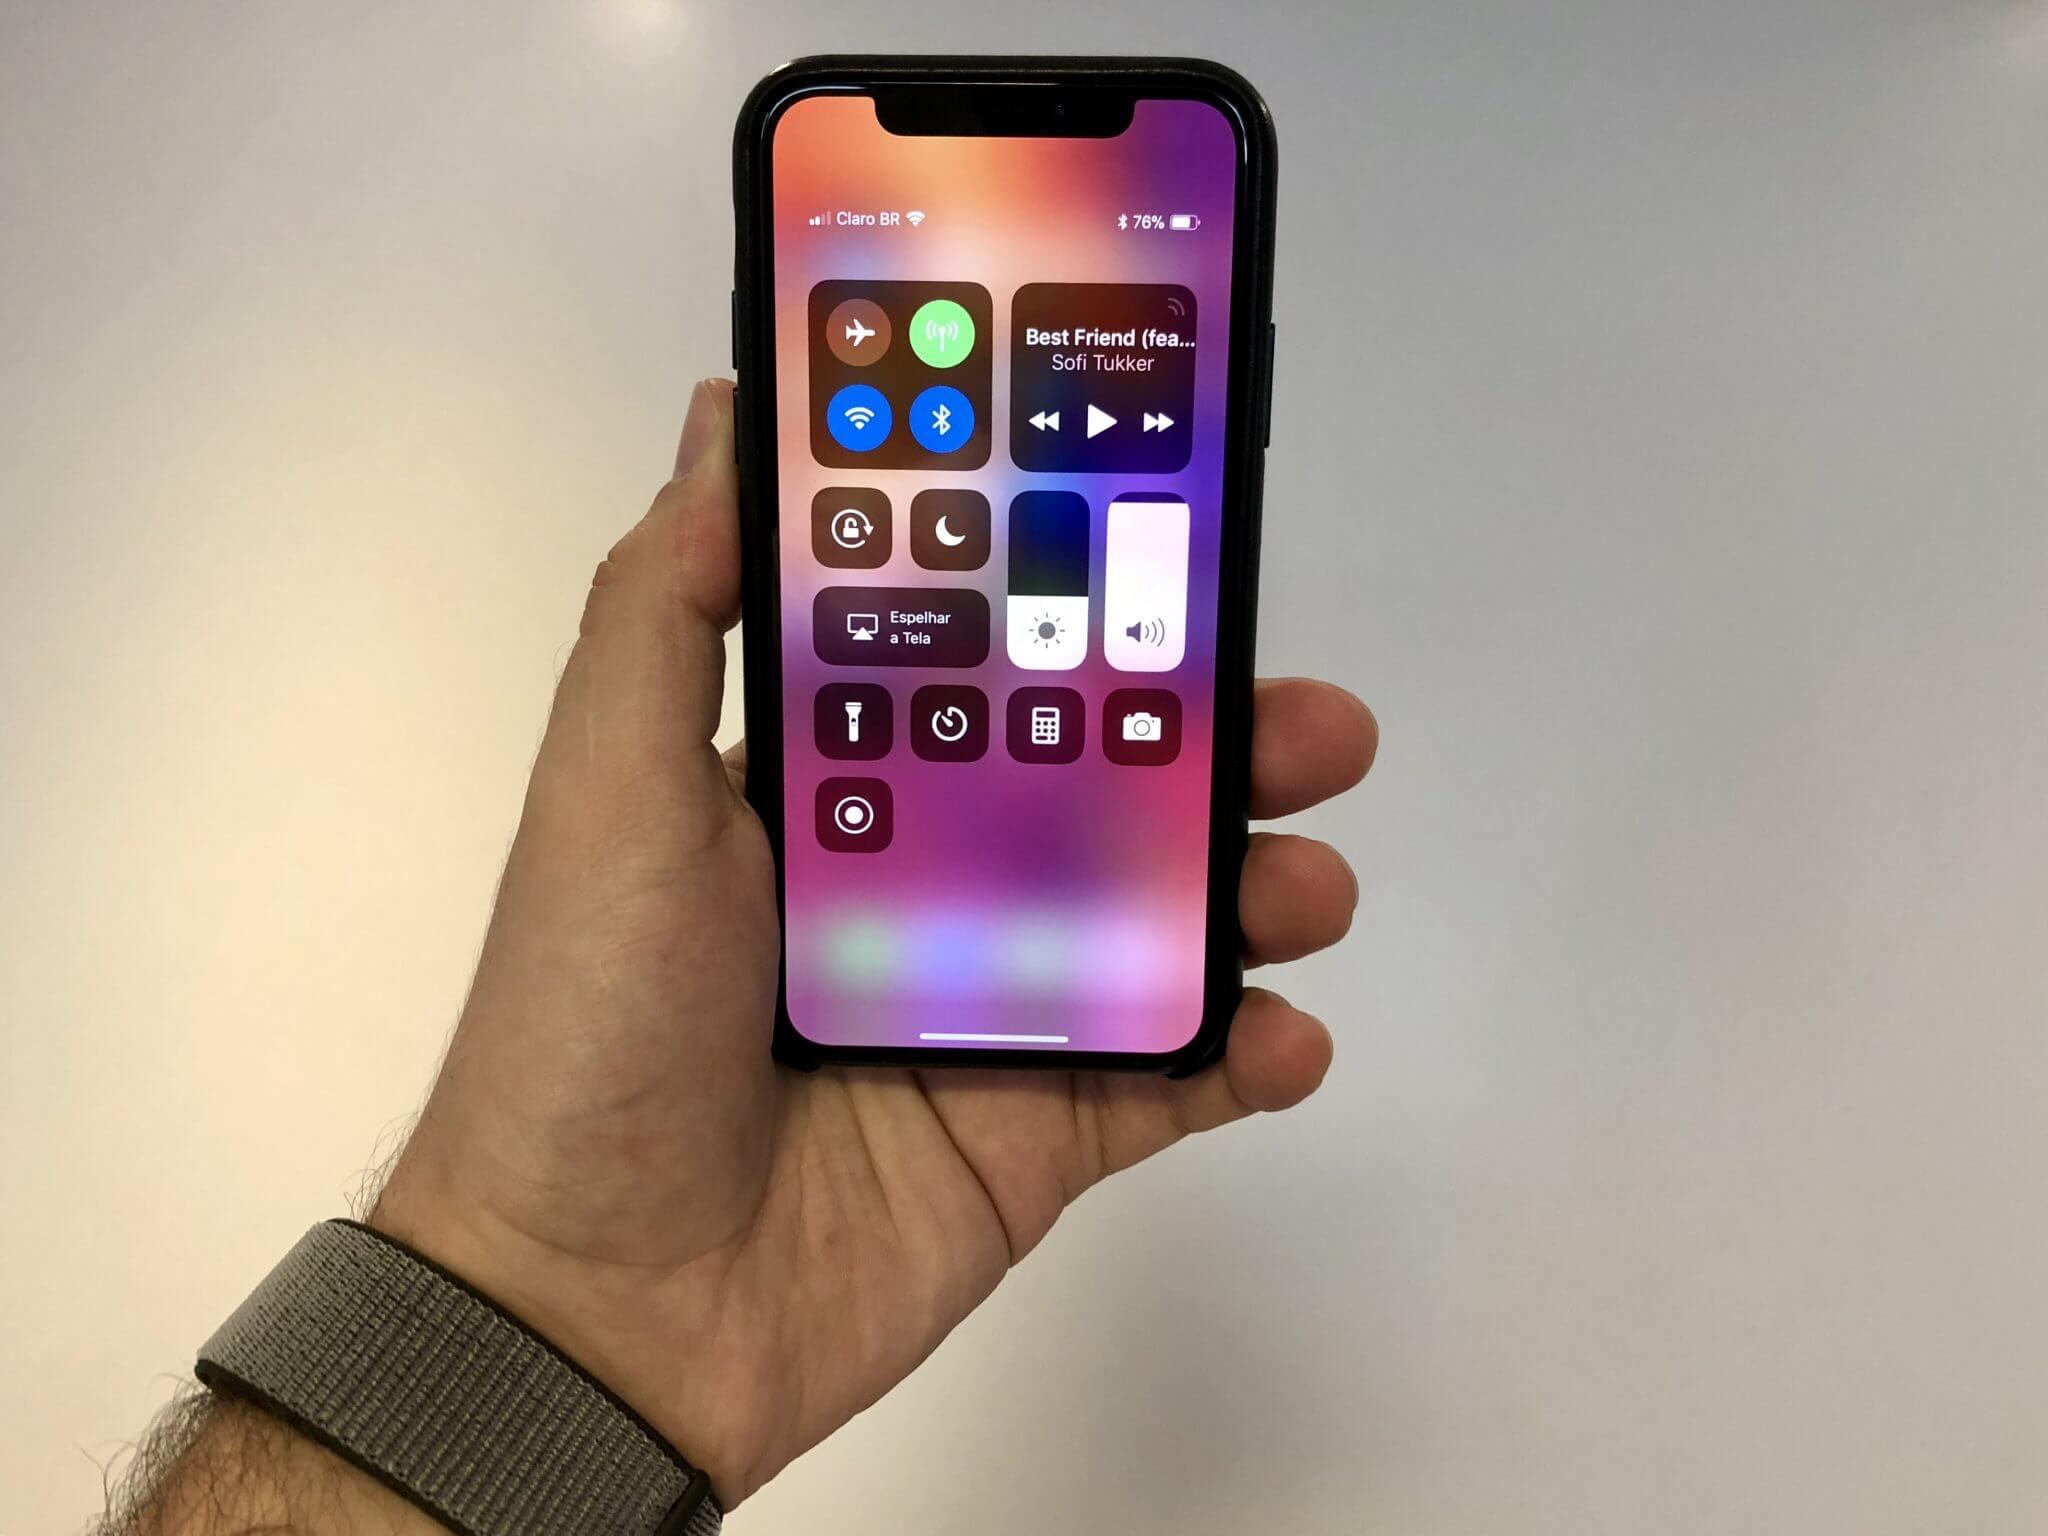 Como funcionam os gestos no iPhone X